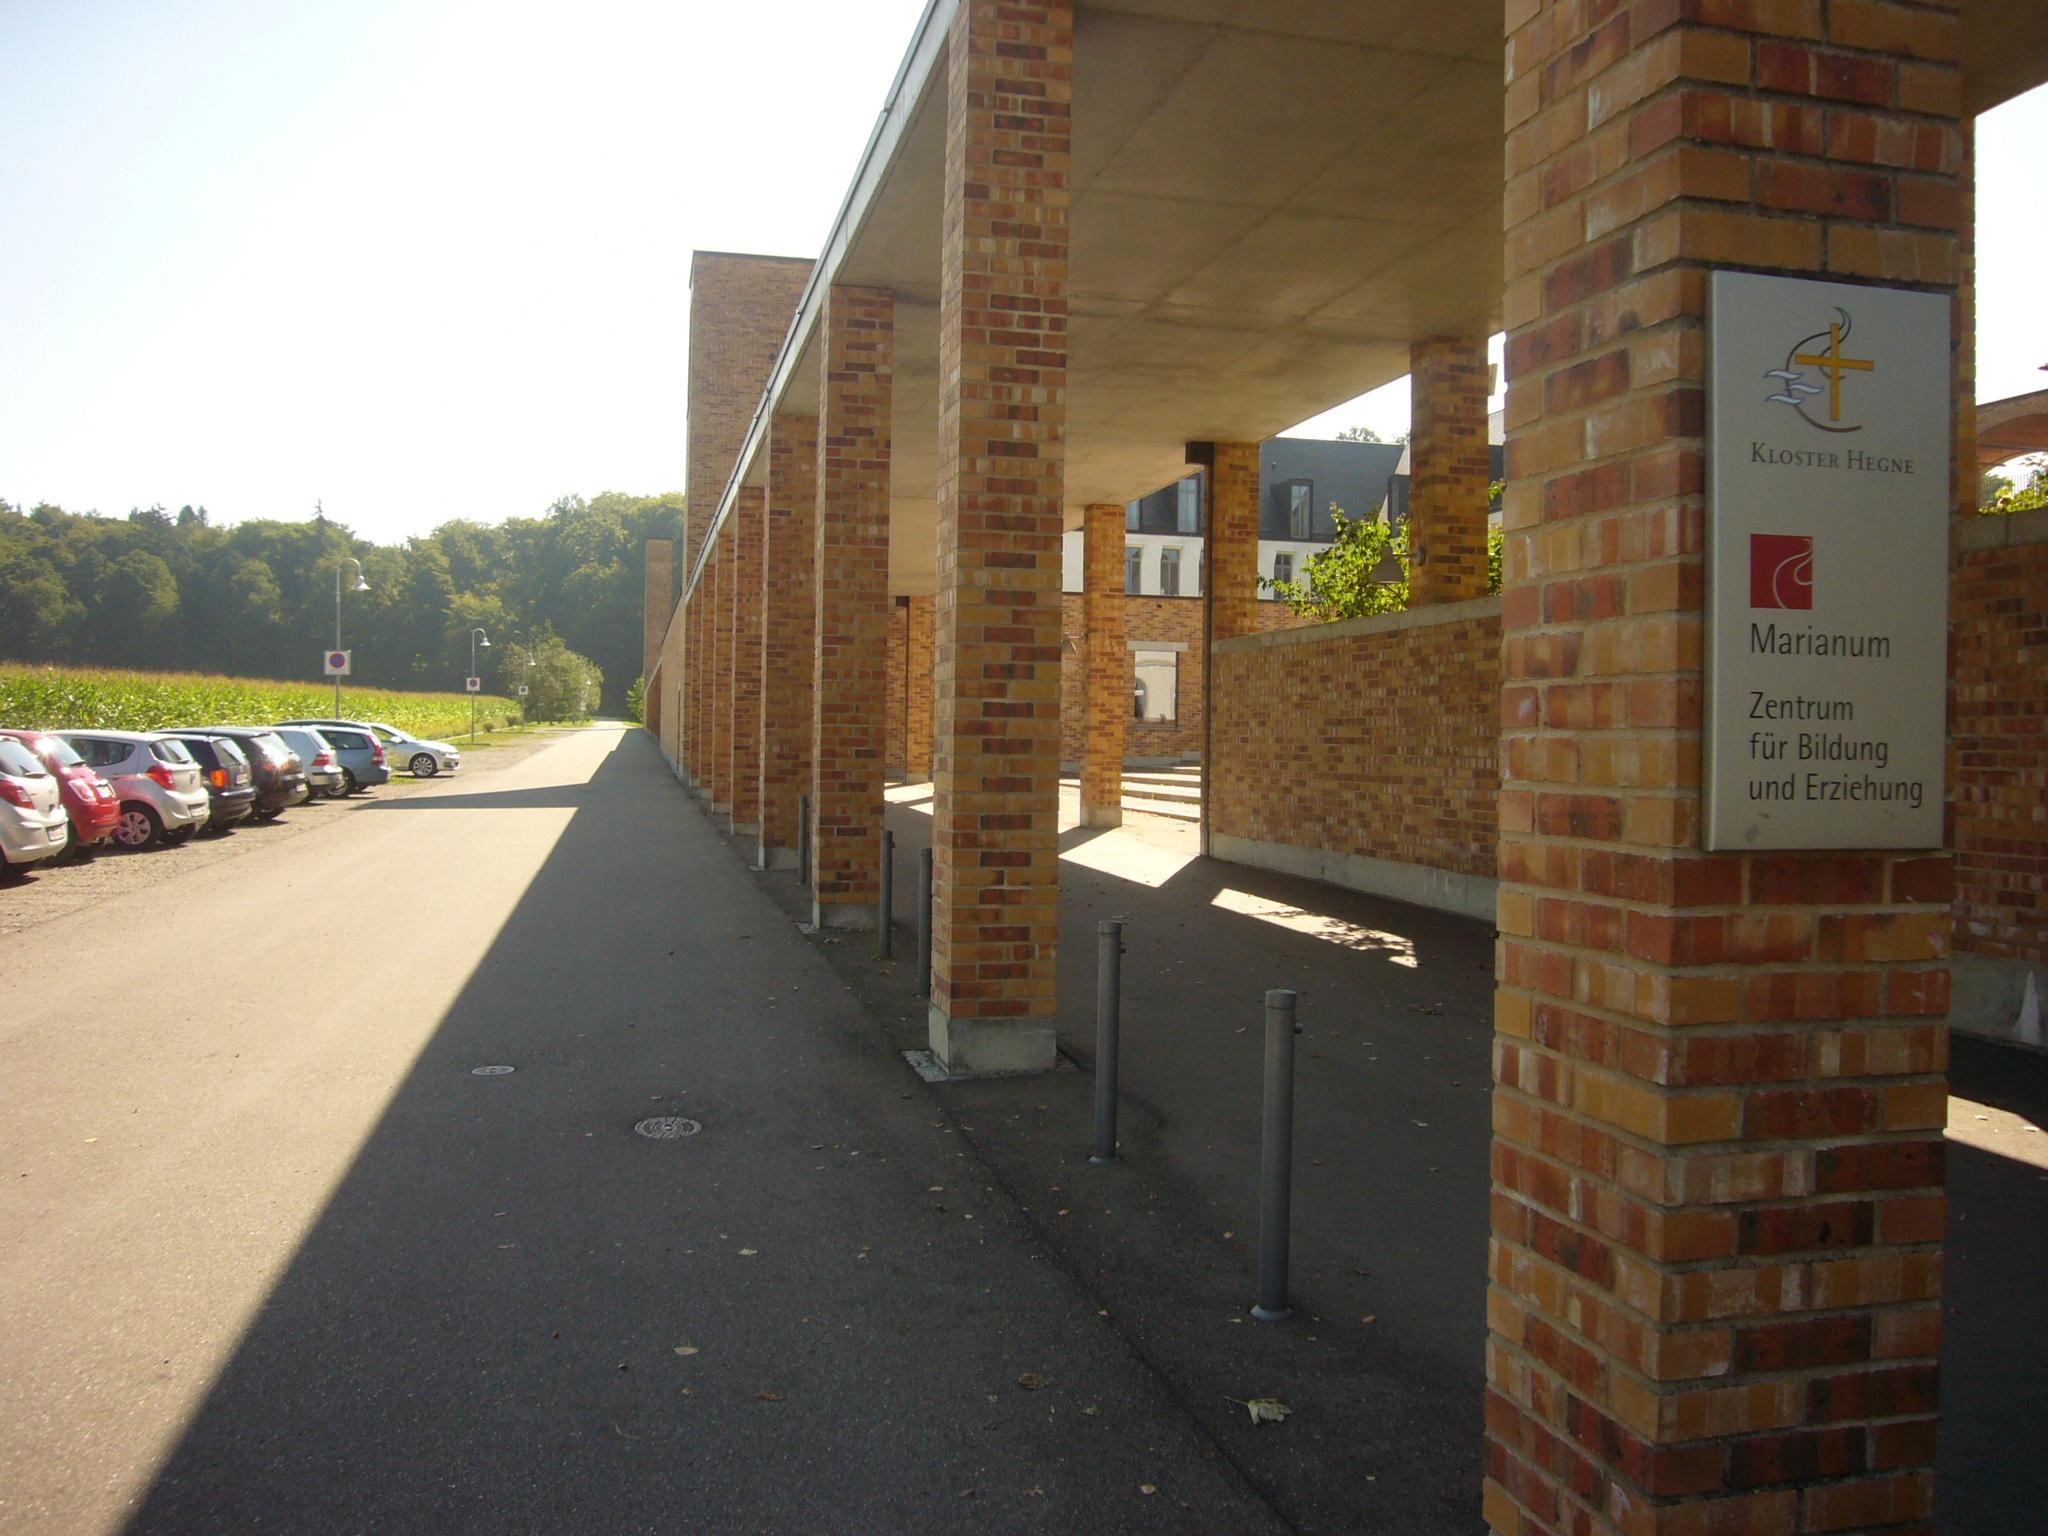 Hegne - Marianum, Zentrum für Bildung und Erziehung